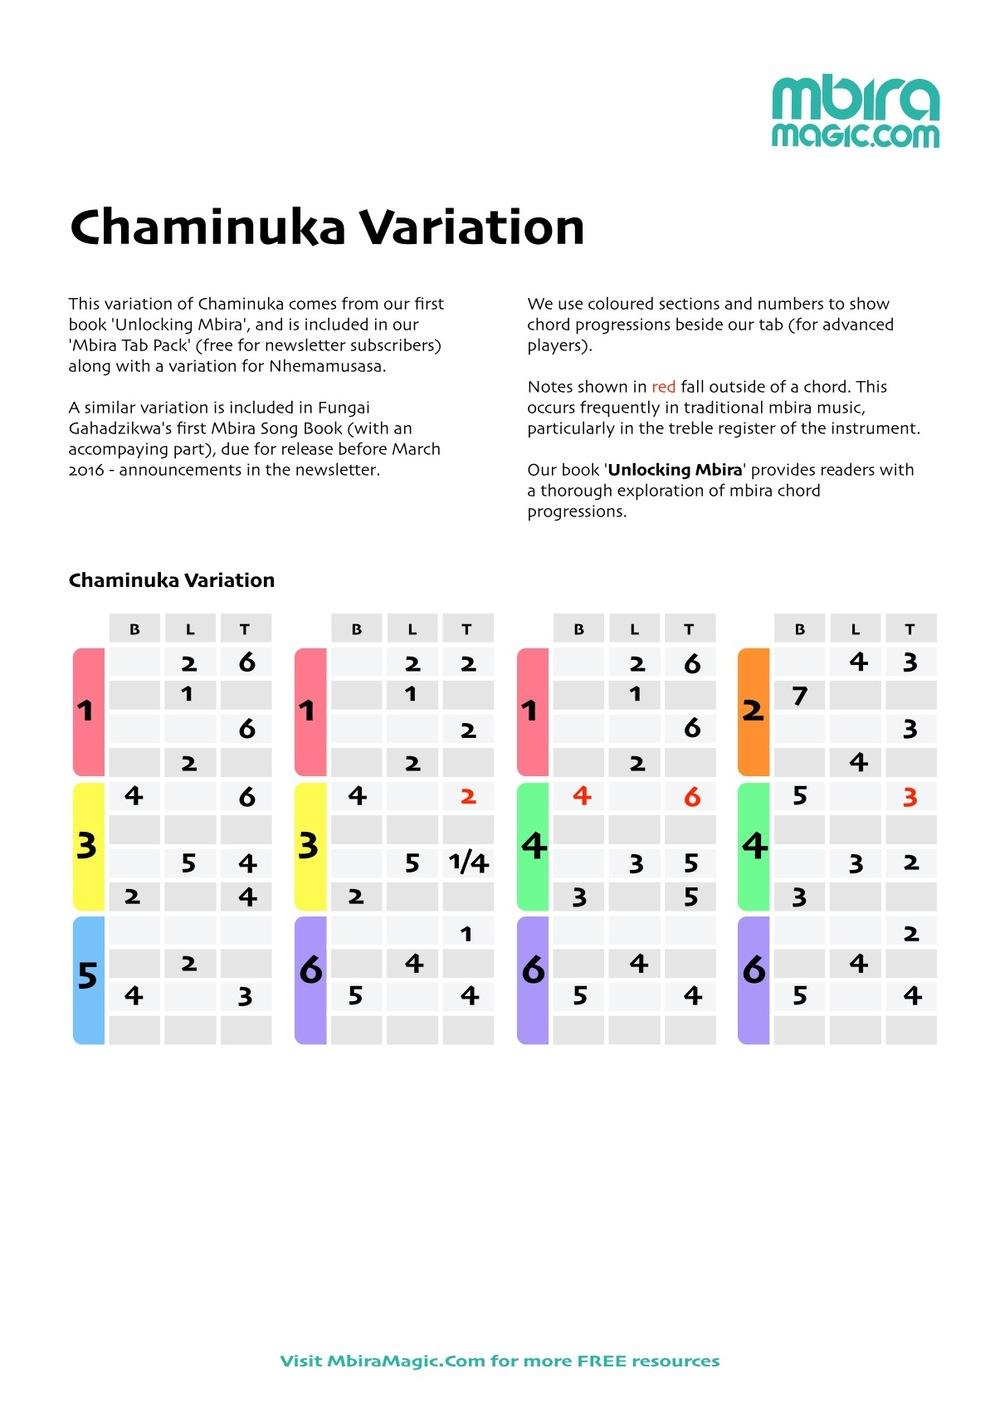 Chaminuka-1-for-mbira-dza-va-dzimu.jpg